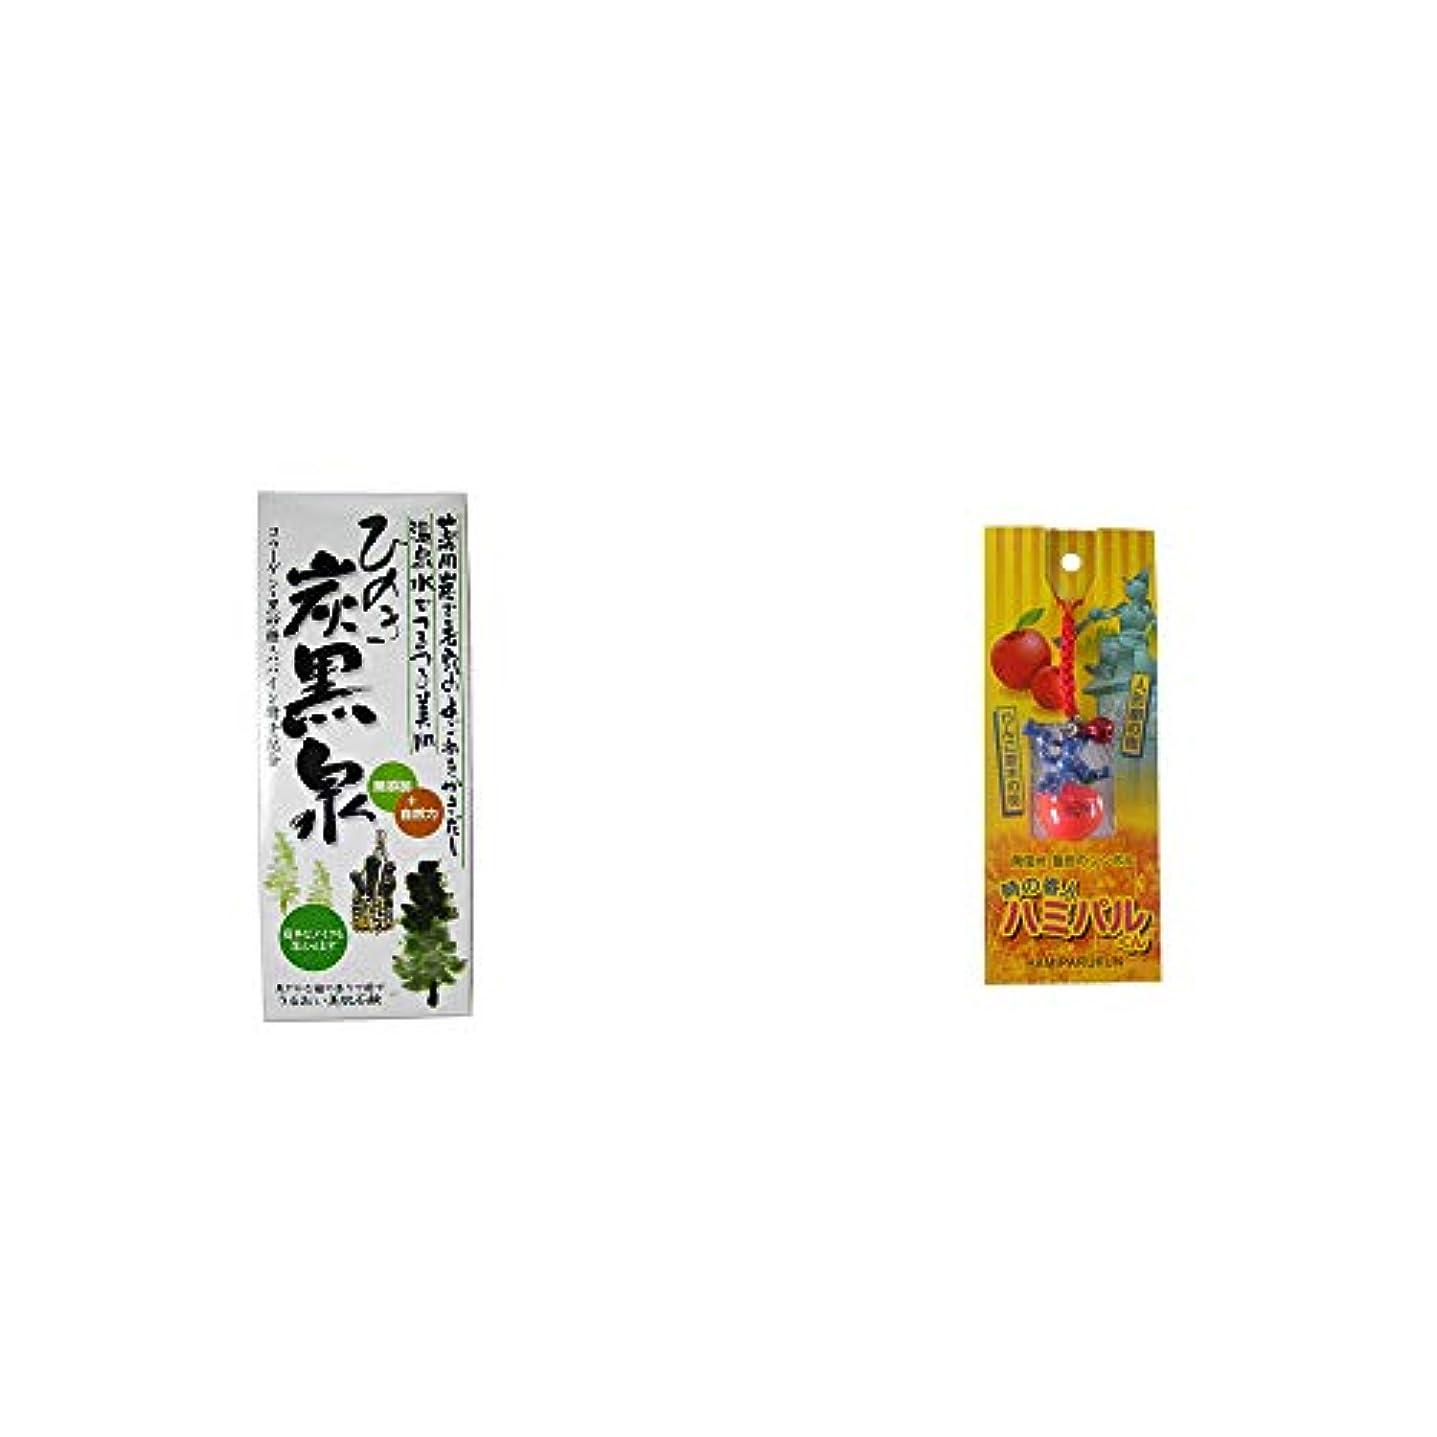 流用する受取人請負業者[2点セット] ひのき炭黒泉 箱入り(75g×3)?信州?飯田のシンボル 時の番人ハミパルくんストラップ